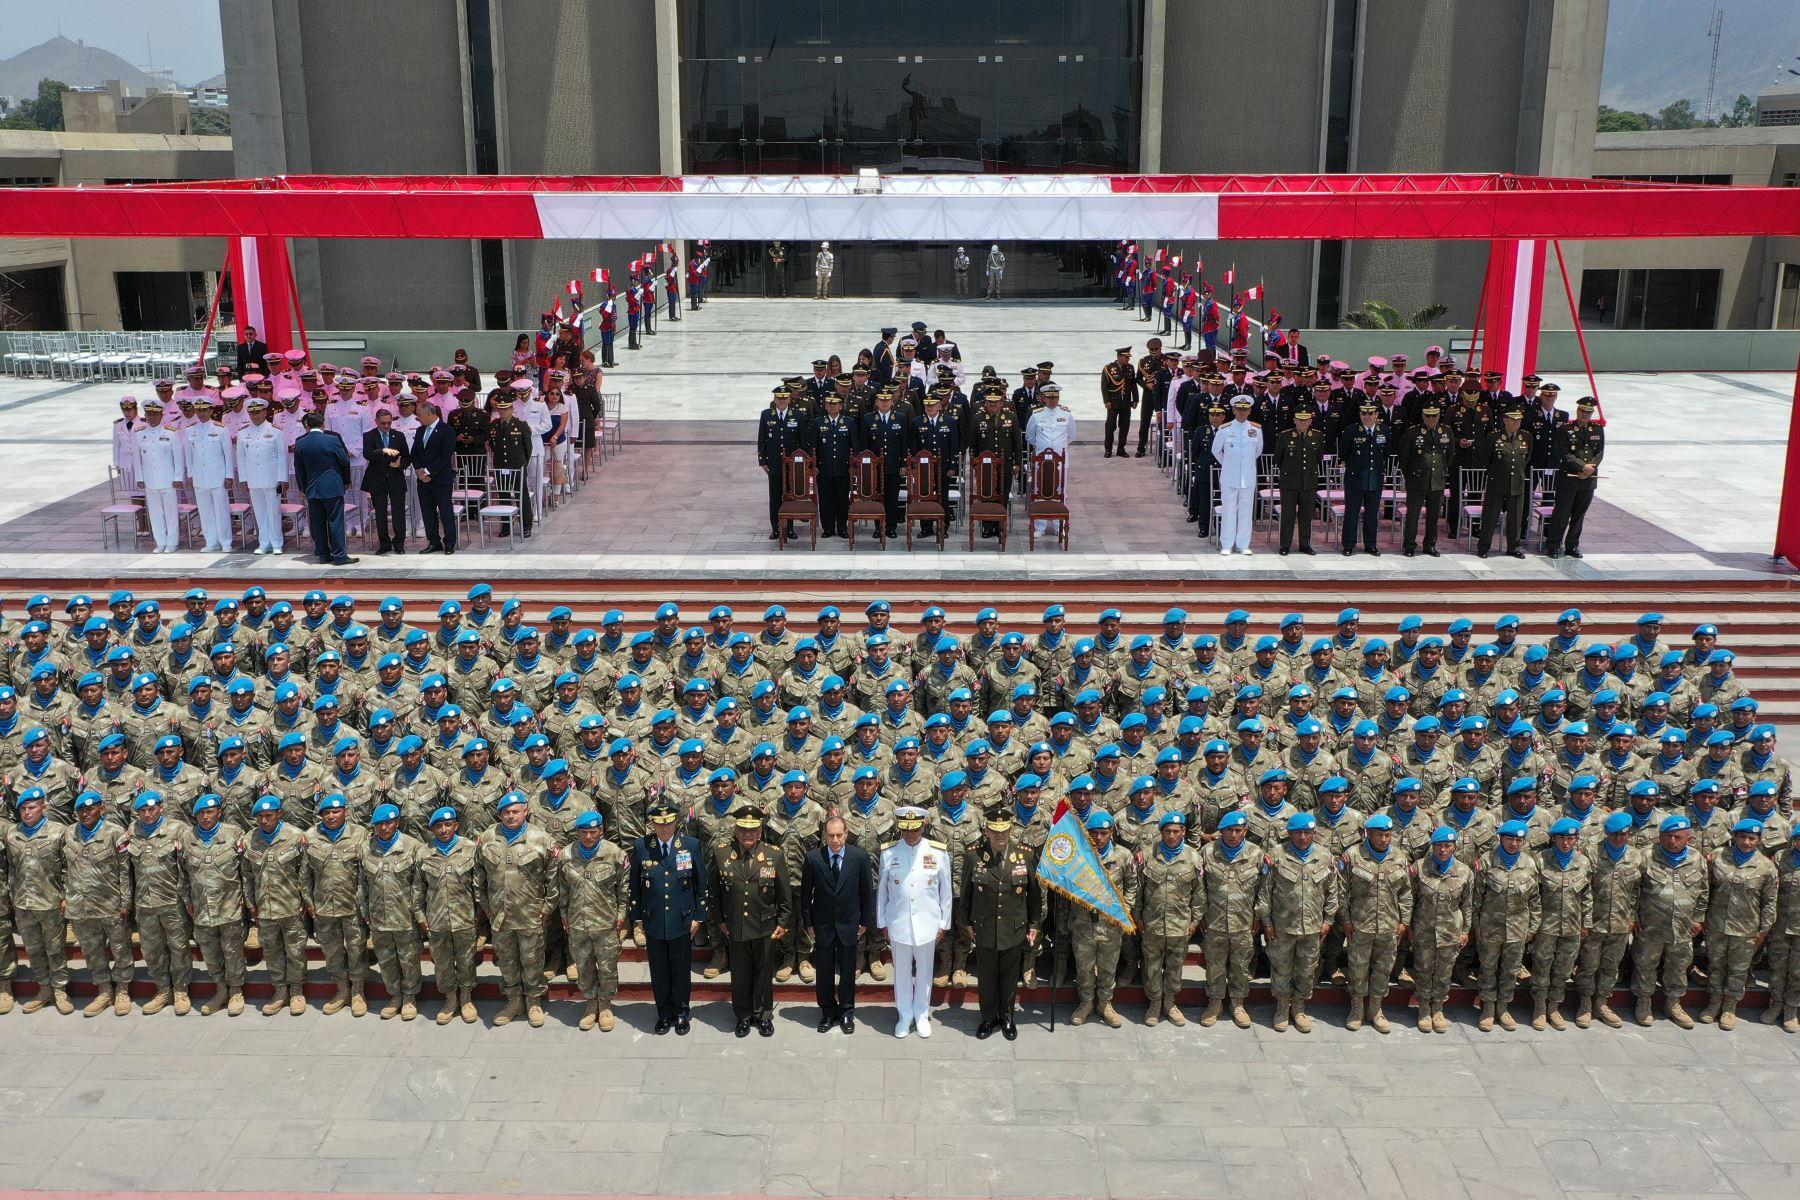 """Ministro de Defensa, Walter Martos, preside la ceremonia de despedida de la Compañía de Ingeniería Perú """" Cascos azules"""", que partirá a la República Centroafricana en misión de paz. Foto: Difusión Mindef"""